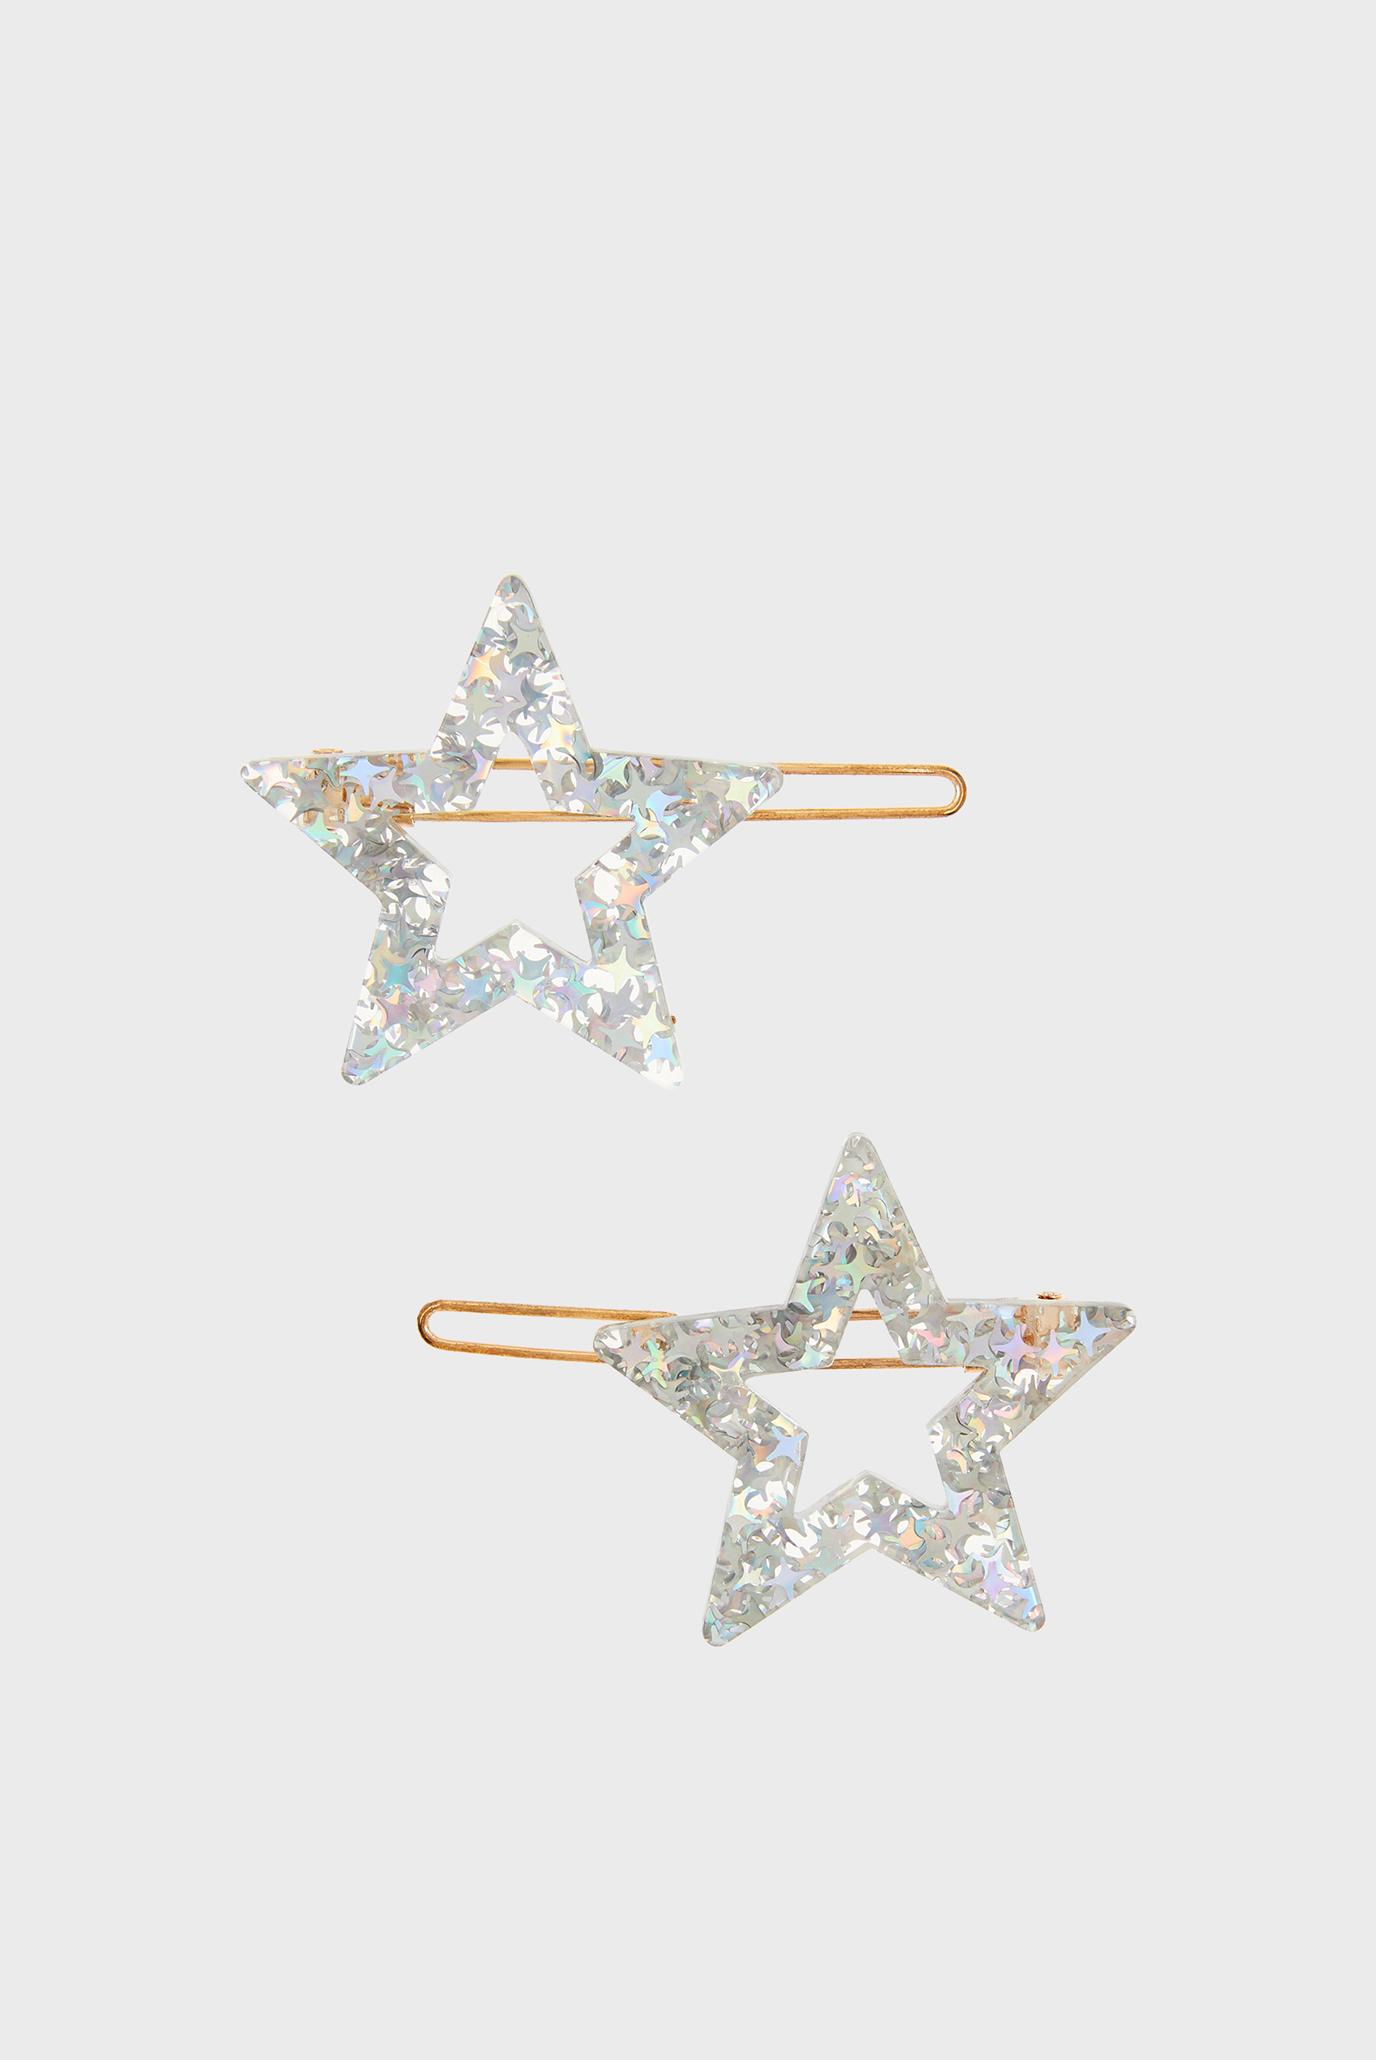 Купить Детские серебристые заколки STAR RESIN SLIDES (2 шт) Accessorize Accessorize 783383 – Киев, Украина. Цены в интернет магазине MD Fashion